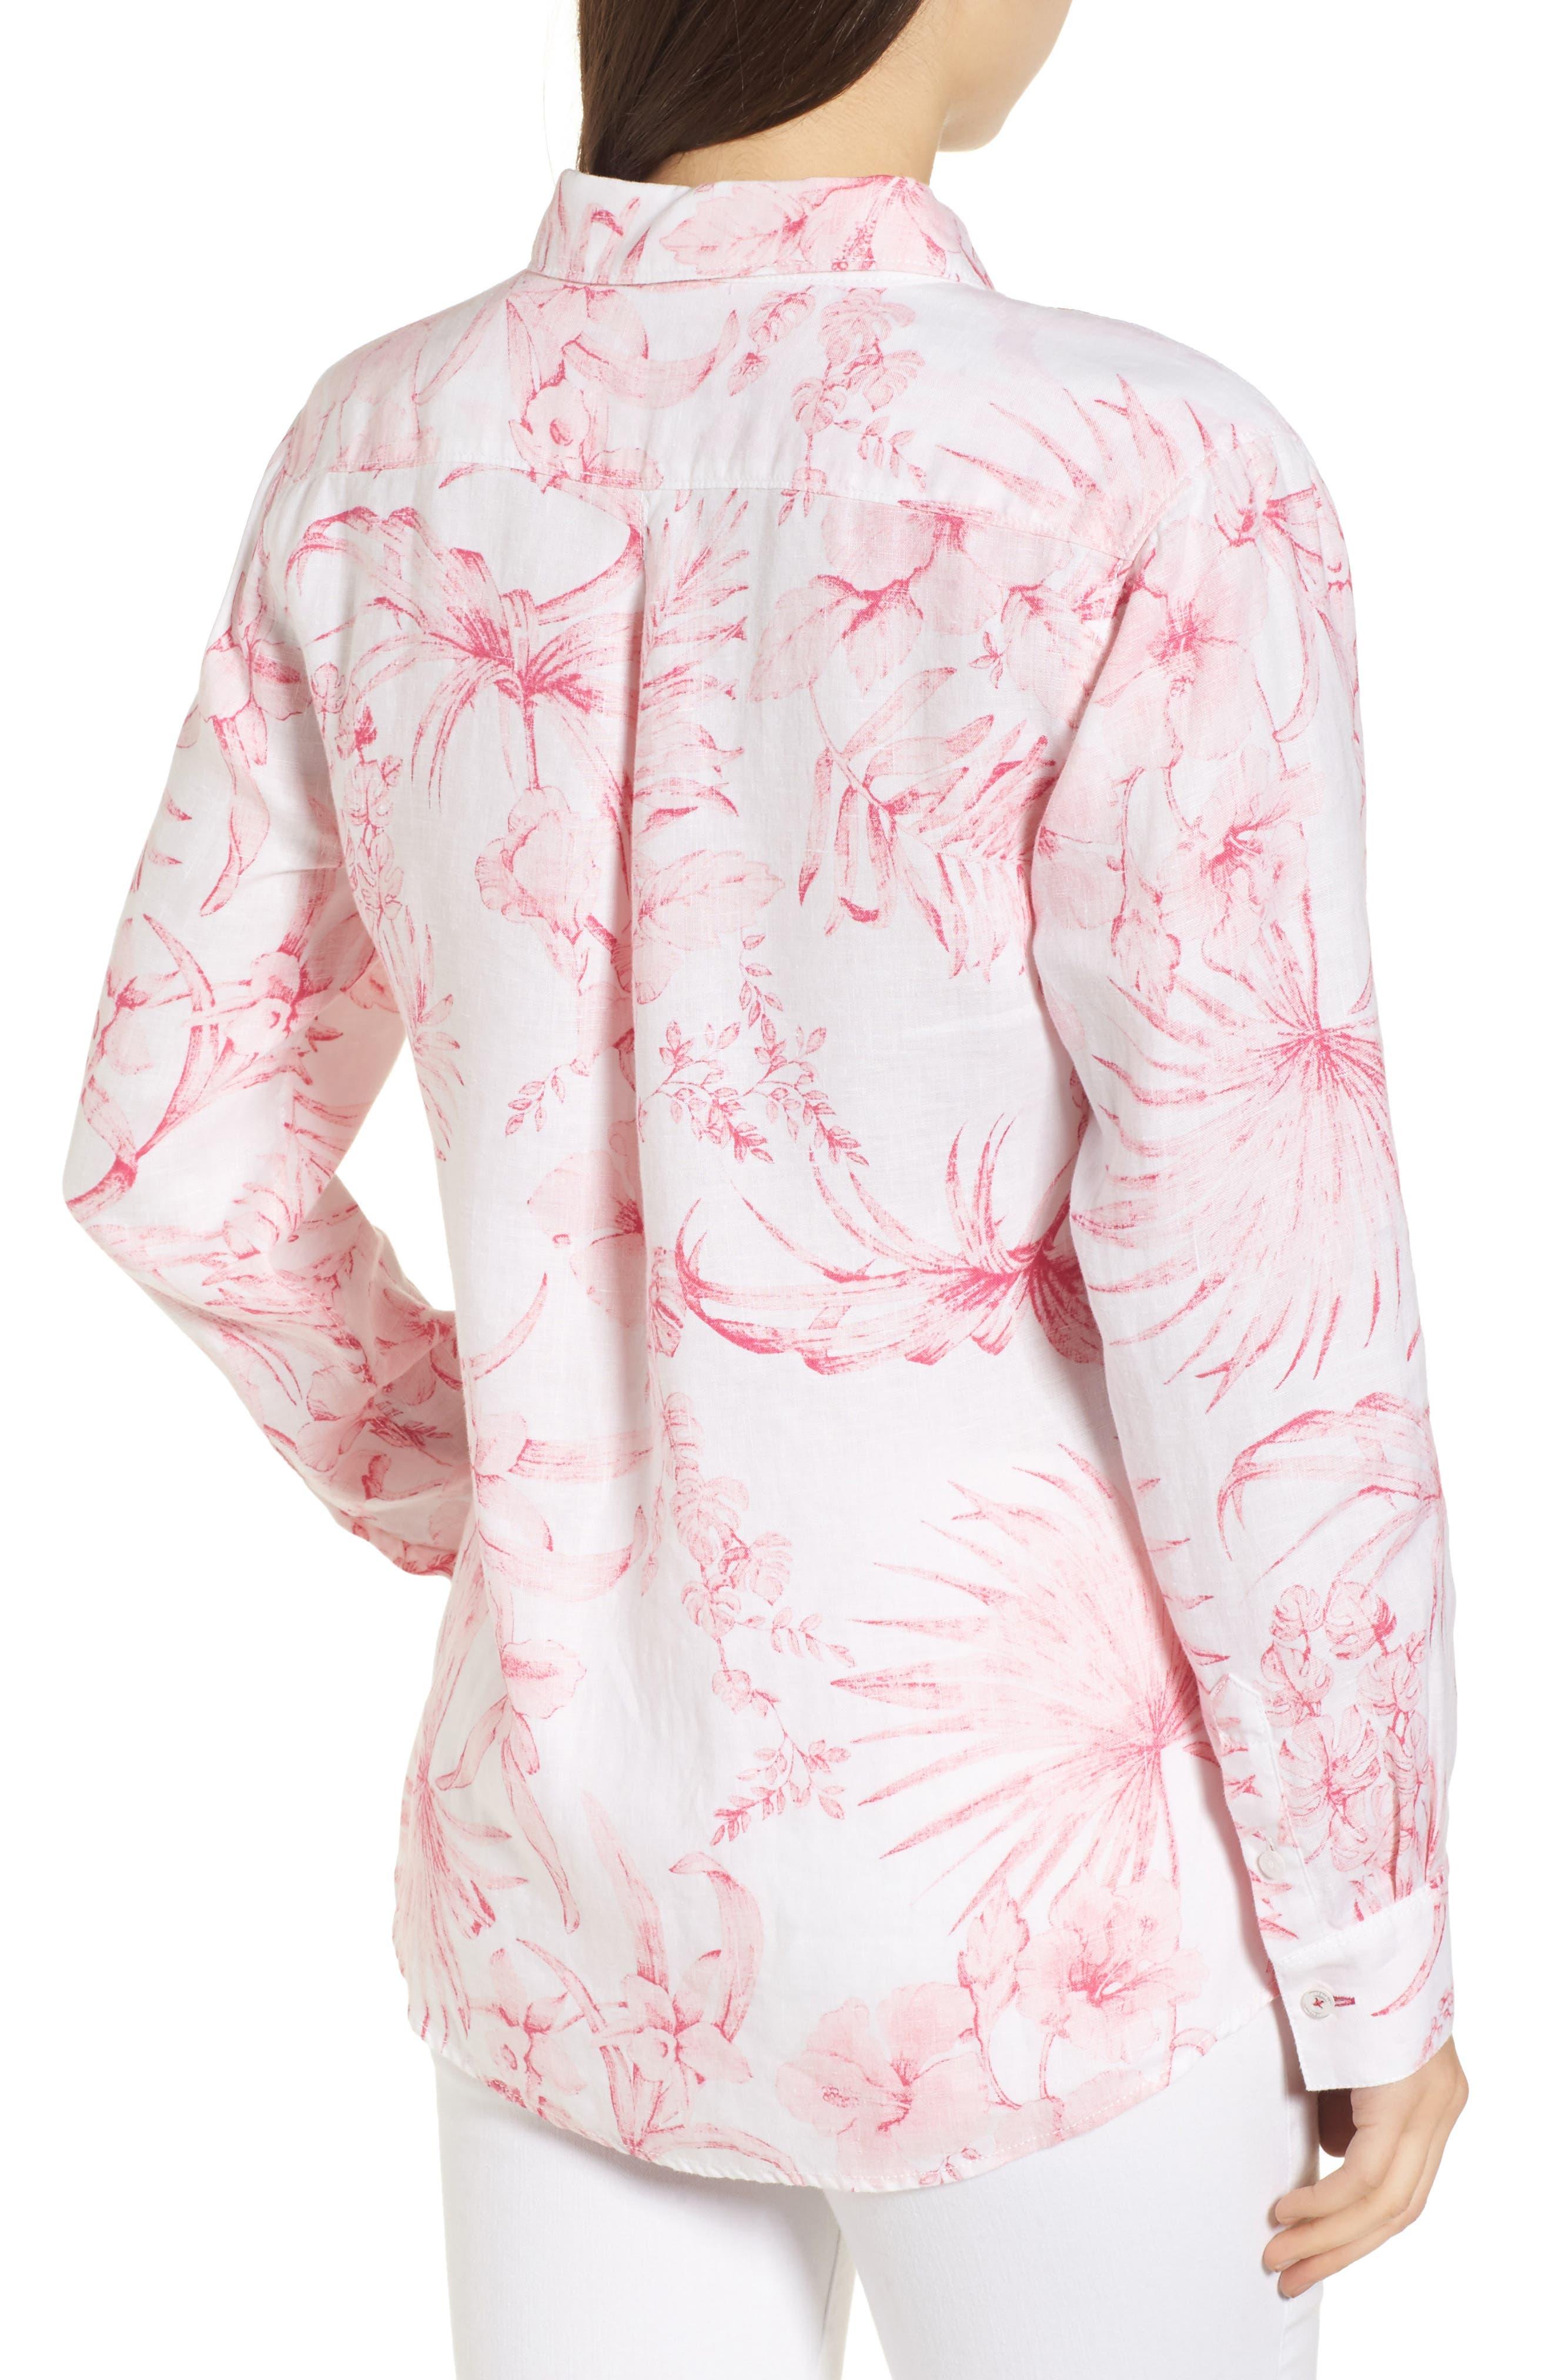 Tulum Tropical Linen Shirt,                             Alternate thumbnail 2, color,                             PINK LACE